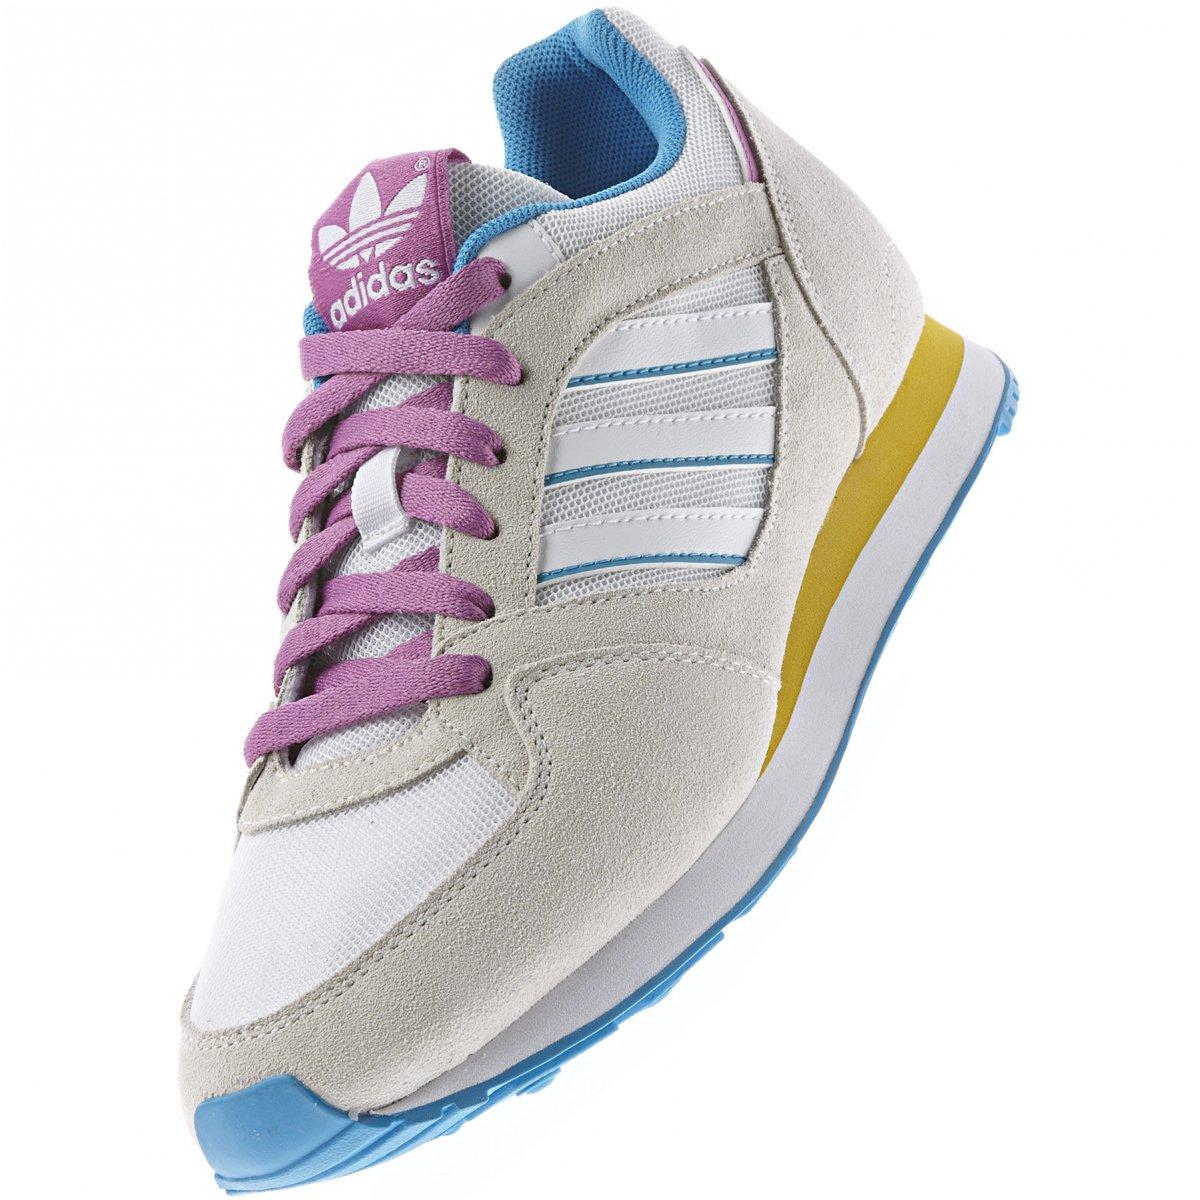 Adidas ZX 100 Damens BEIGE D65169 D65169 BEIGE BEIGE 2e137b